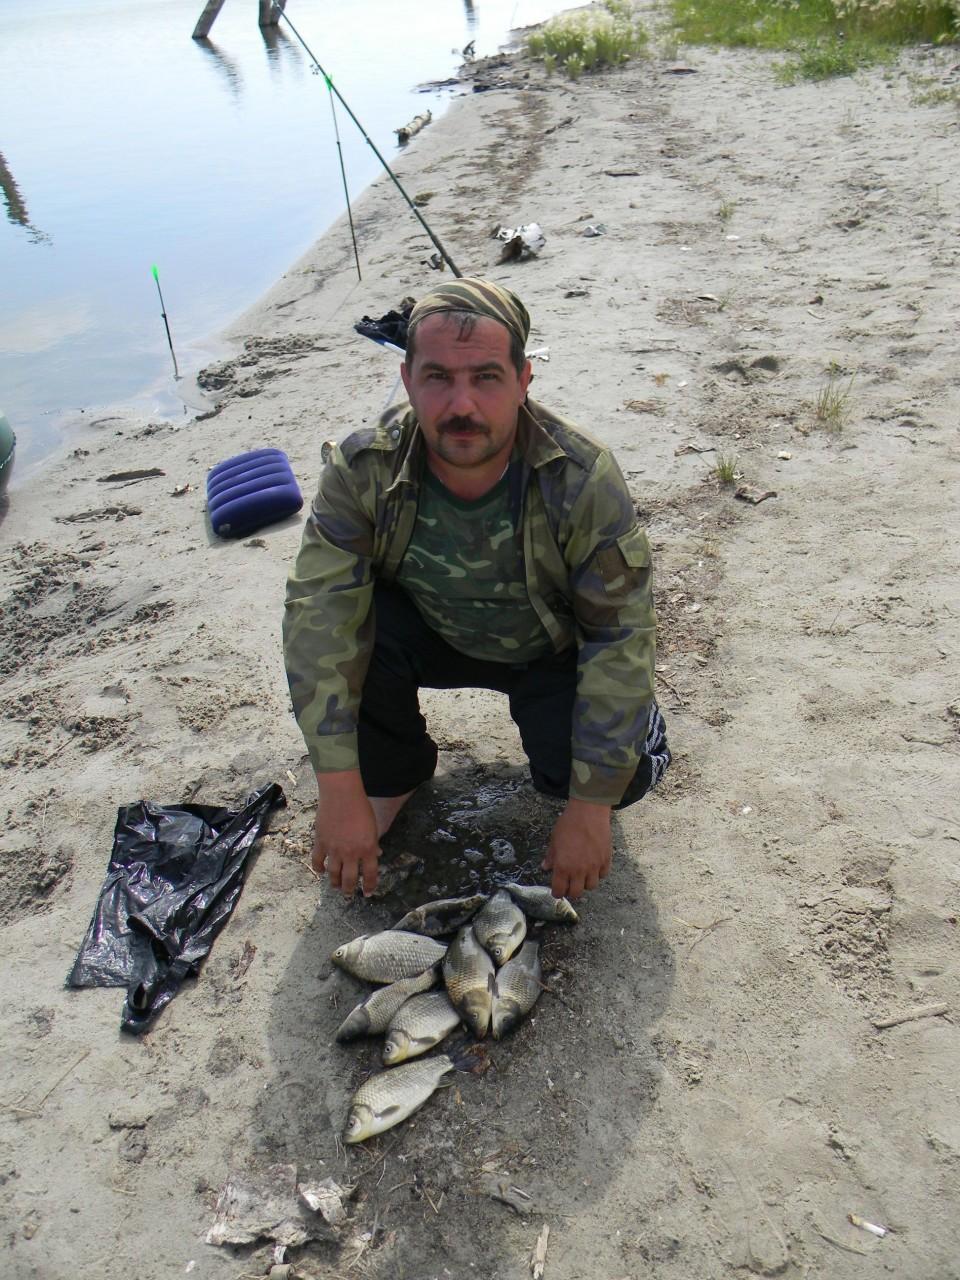 озеро жмуркино рыбалка